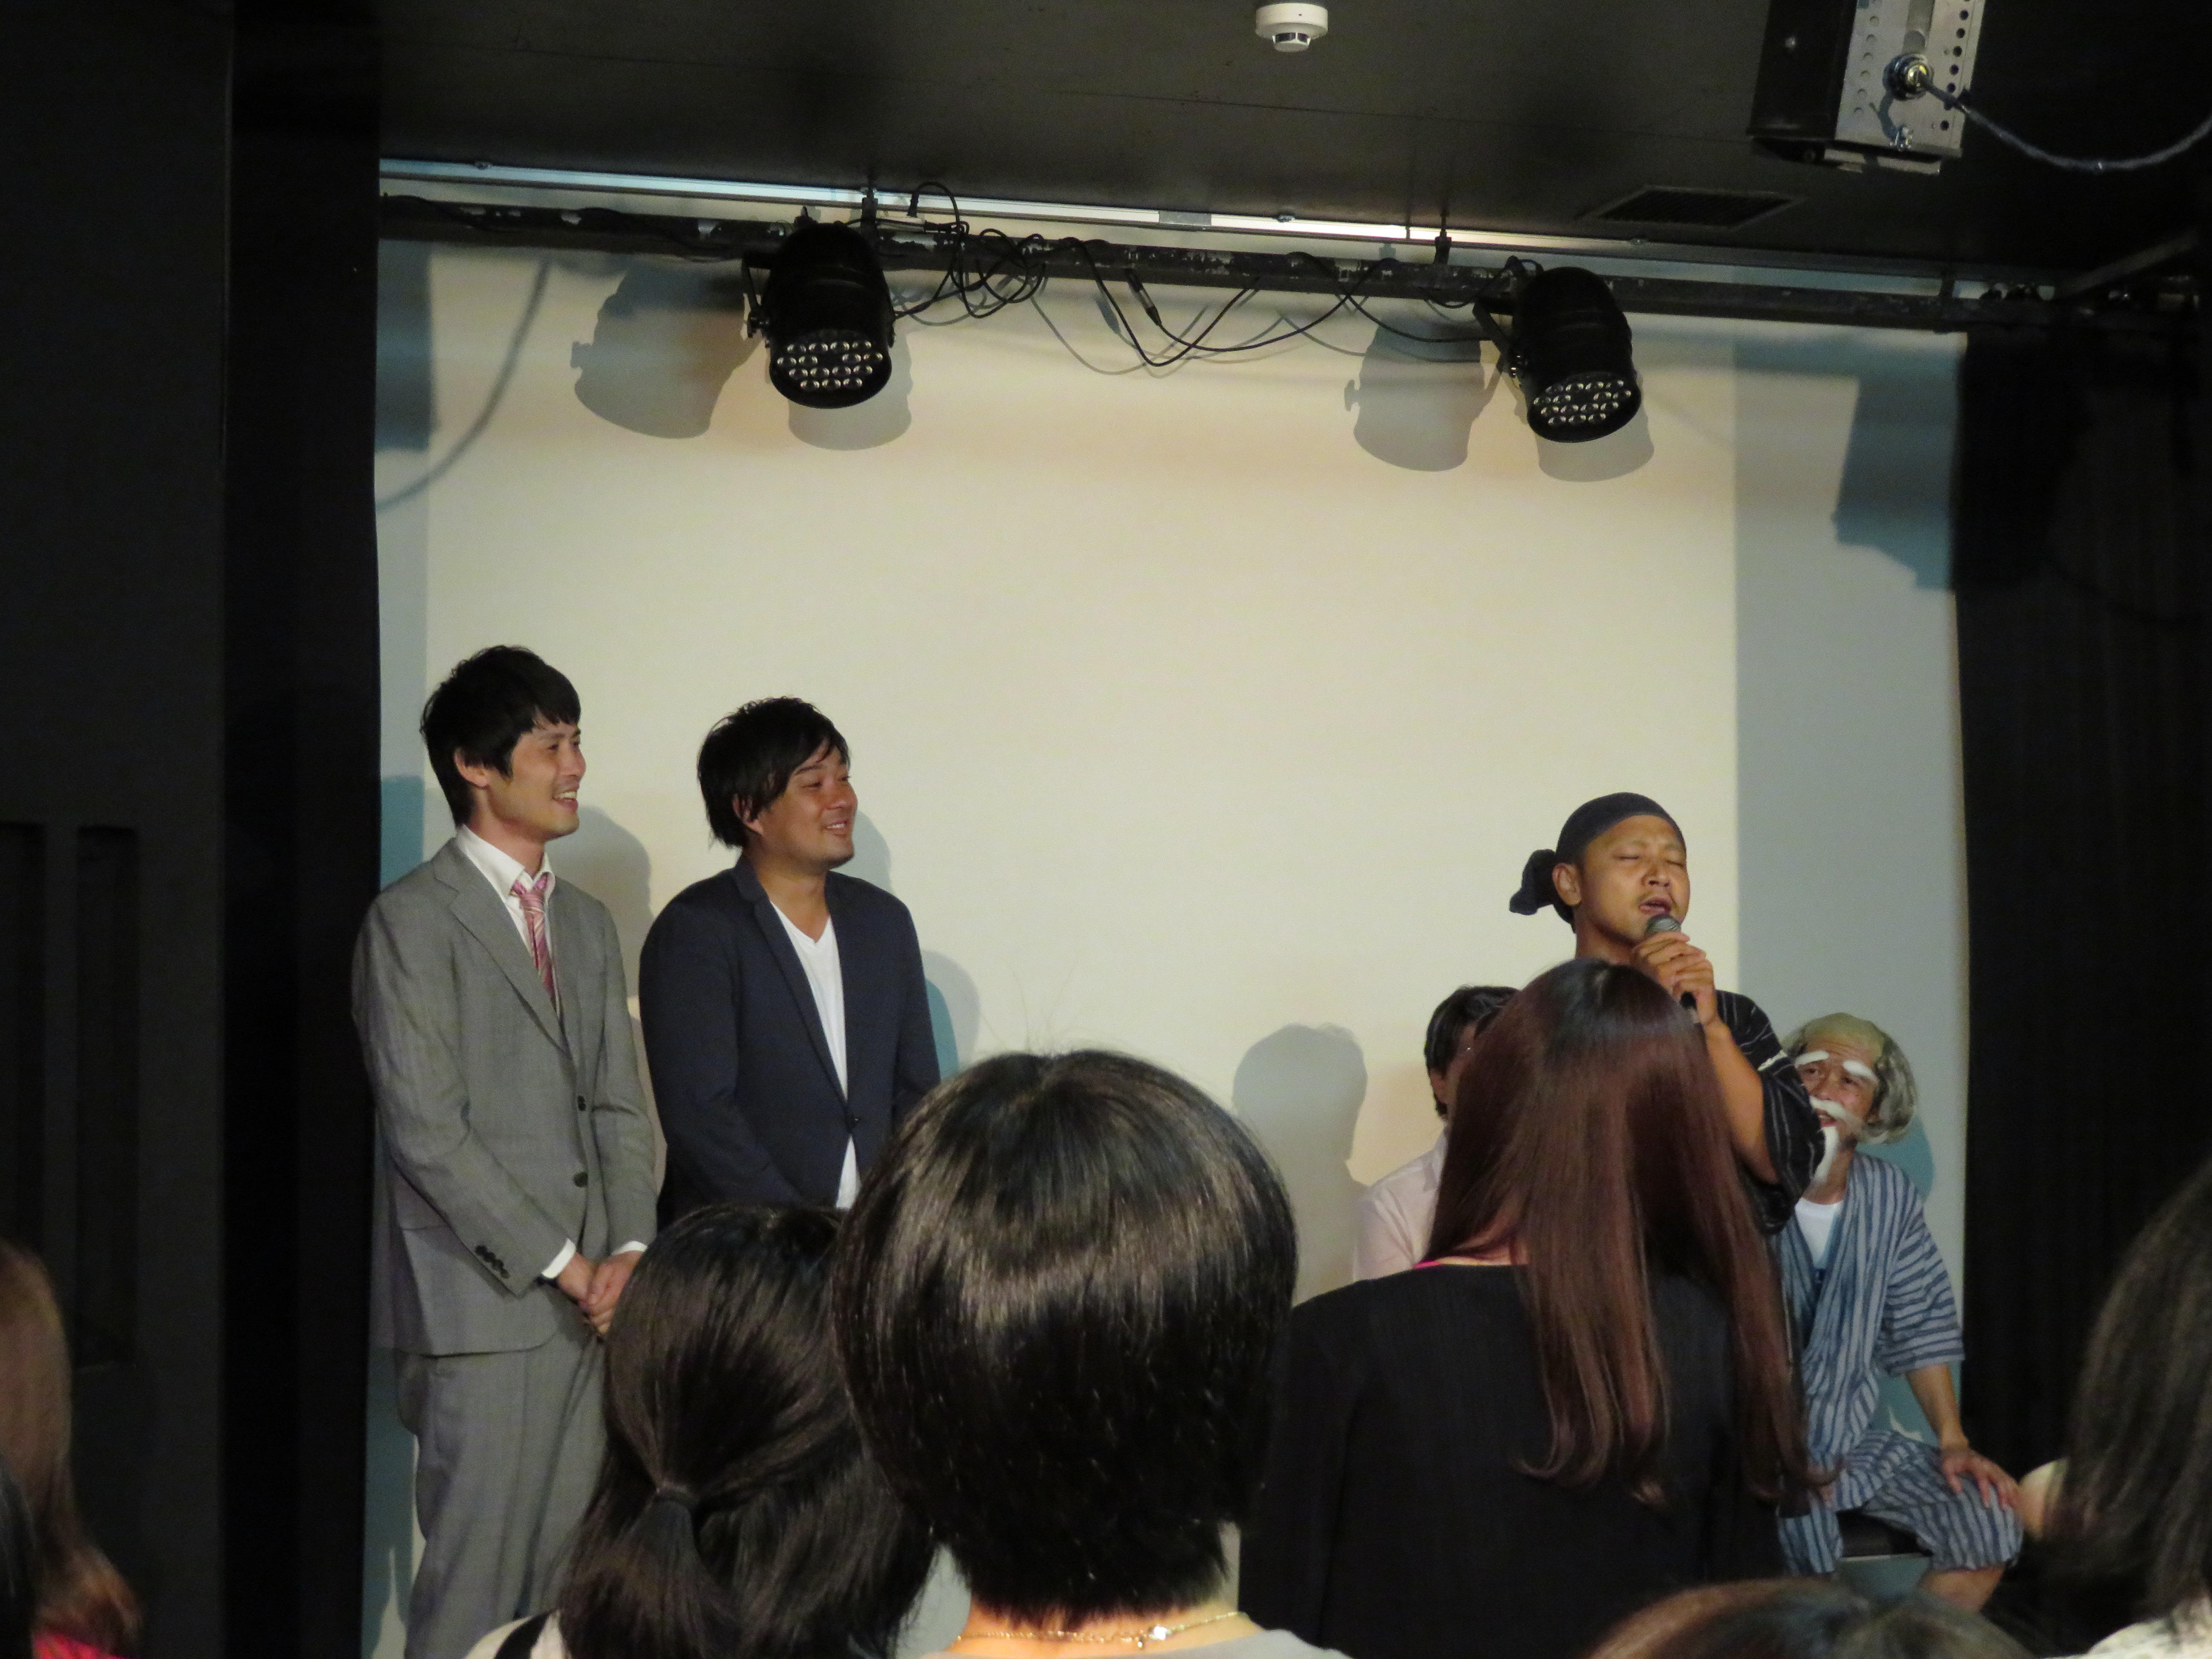 http://news.yoshimoto.co.jp/20170830125436-3e44837e0011aaaf9e3aa3b3d563ac43e81e12a1.jpg